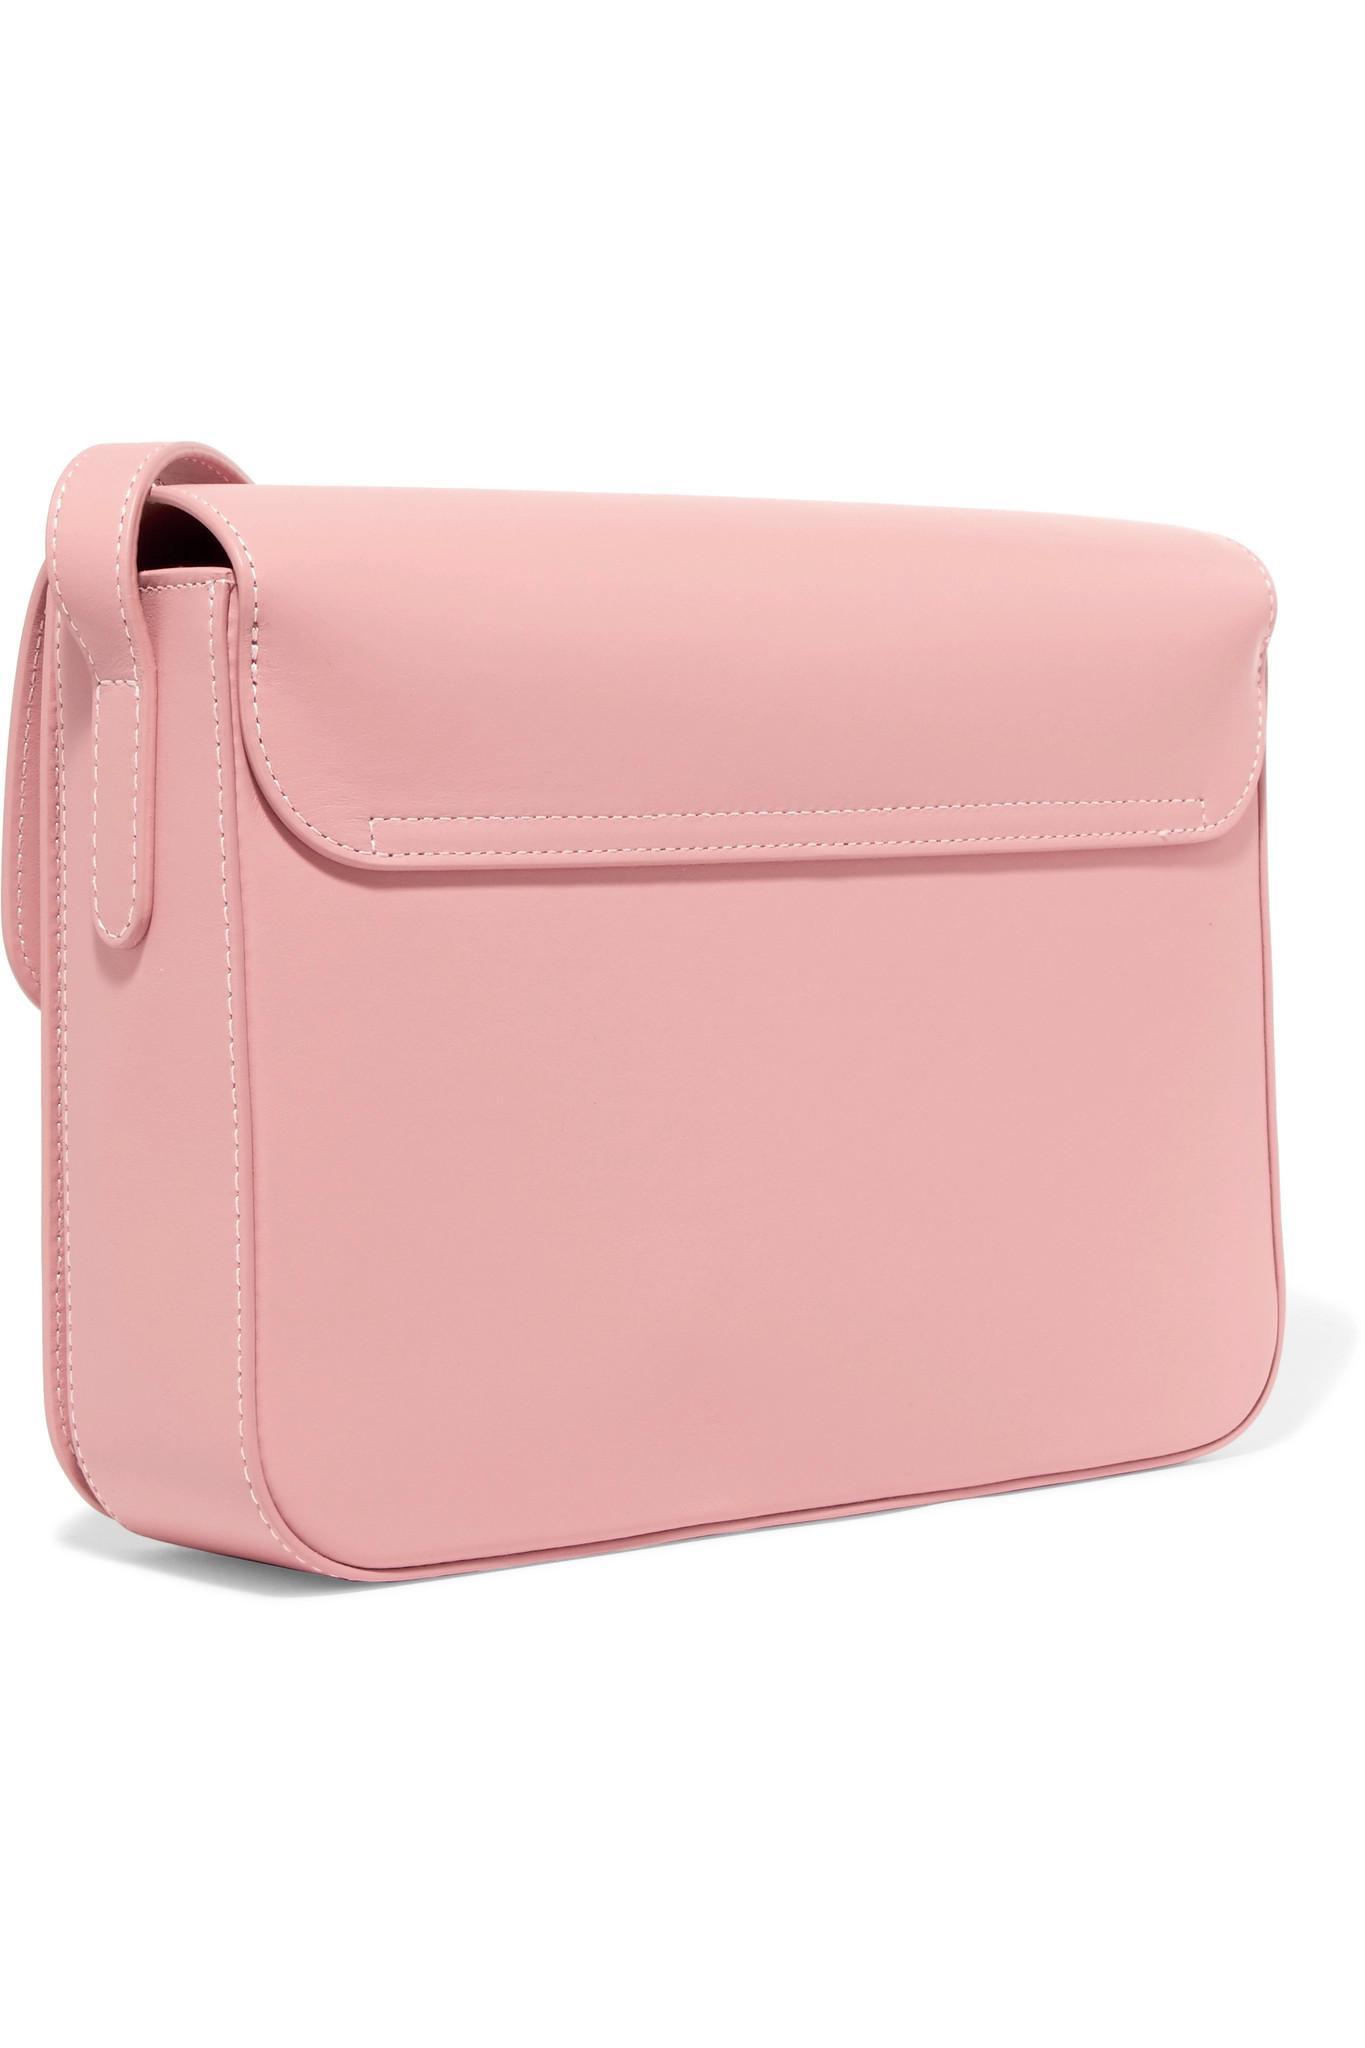 Envelope Leather Shoulder Bag - Blush Mansur Gavriel Rex7elvYrl